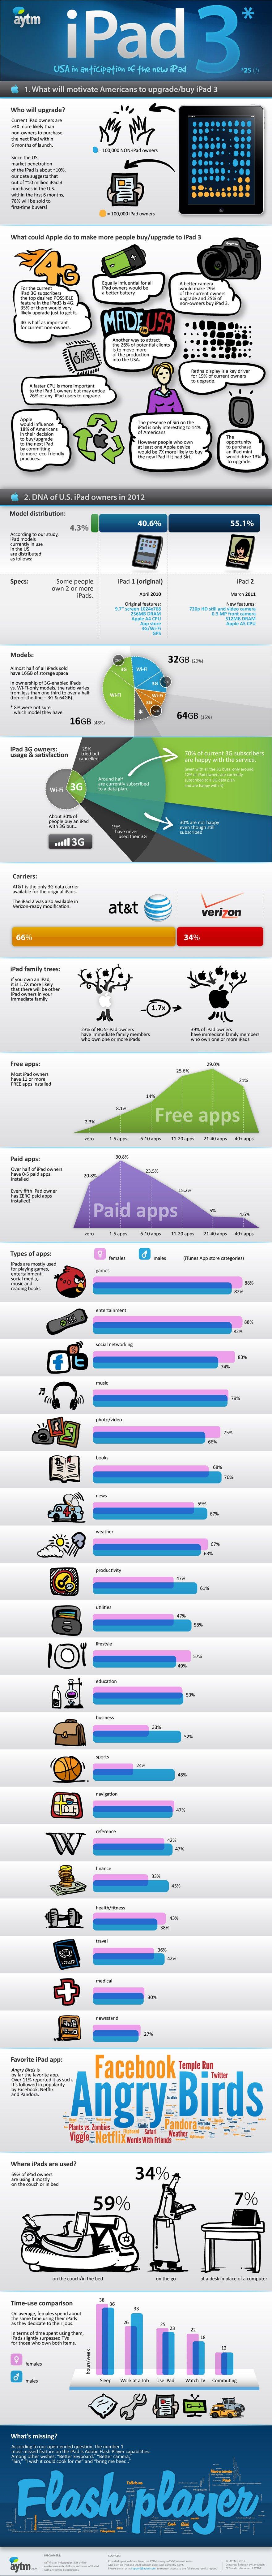 Wer sich ein iPad kaufen wird - Infografik